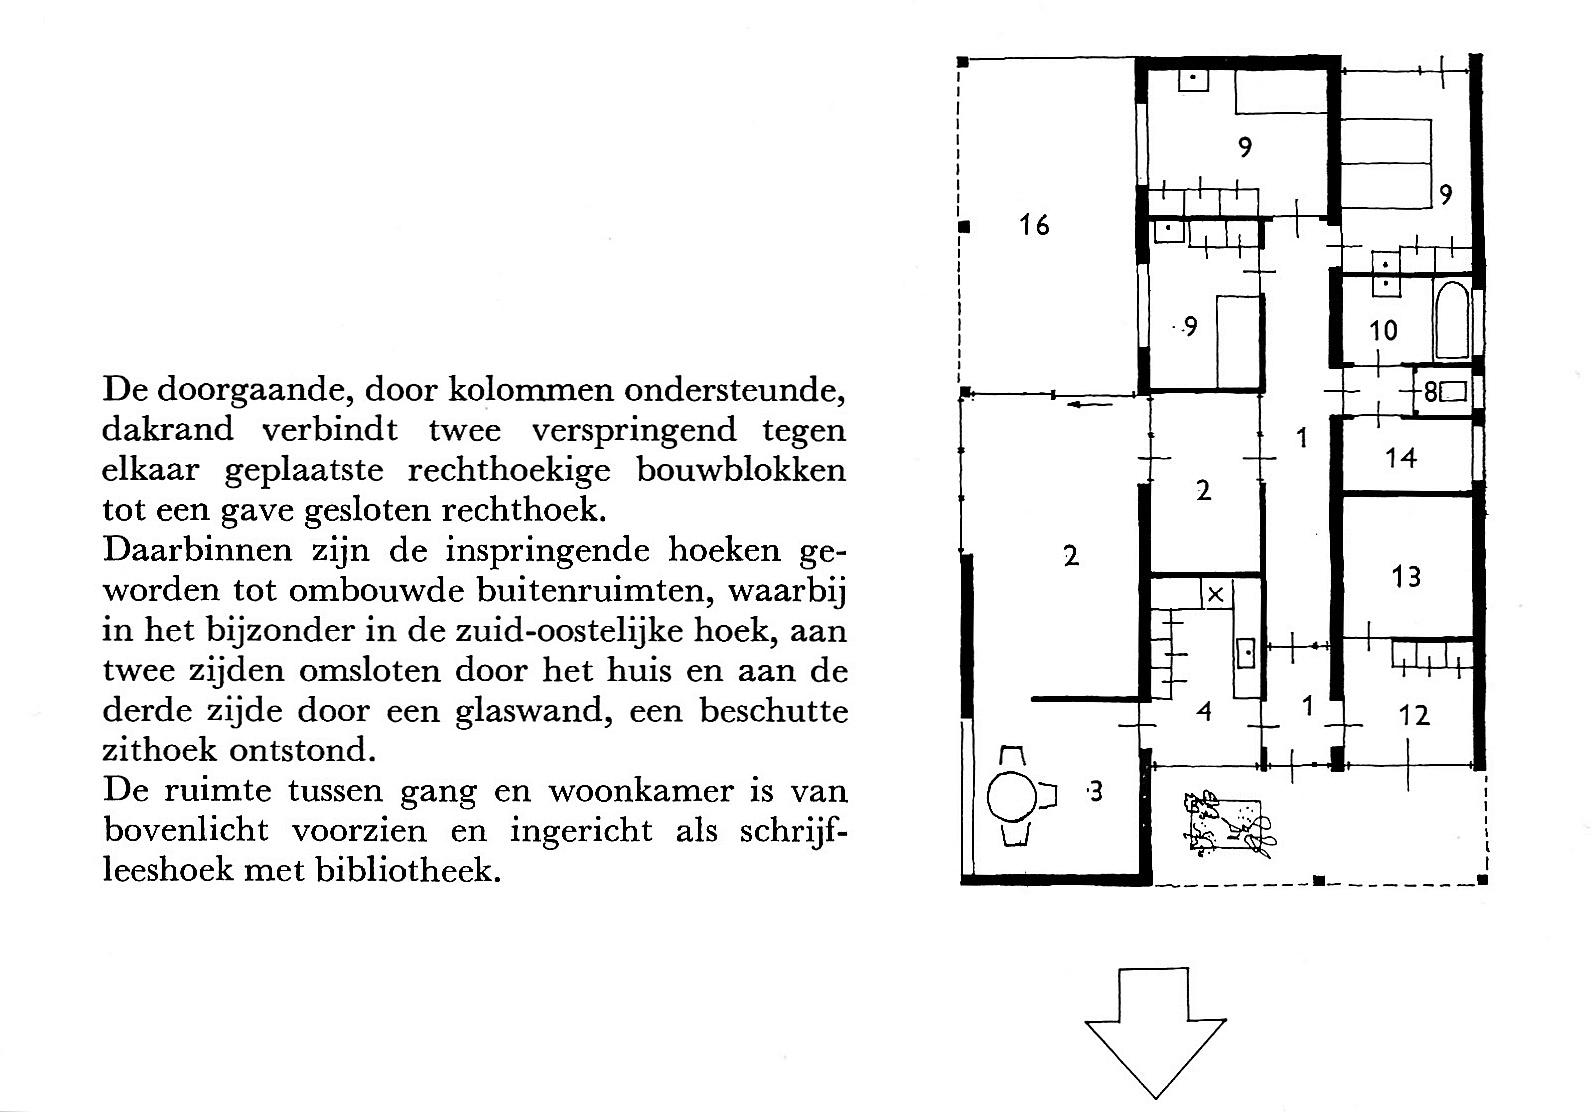 Veendam, Julianapark, M. Duintjer, 1956-1957